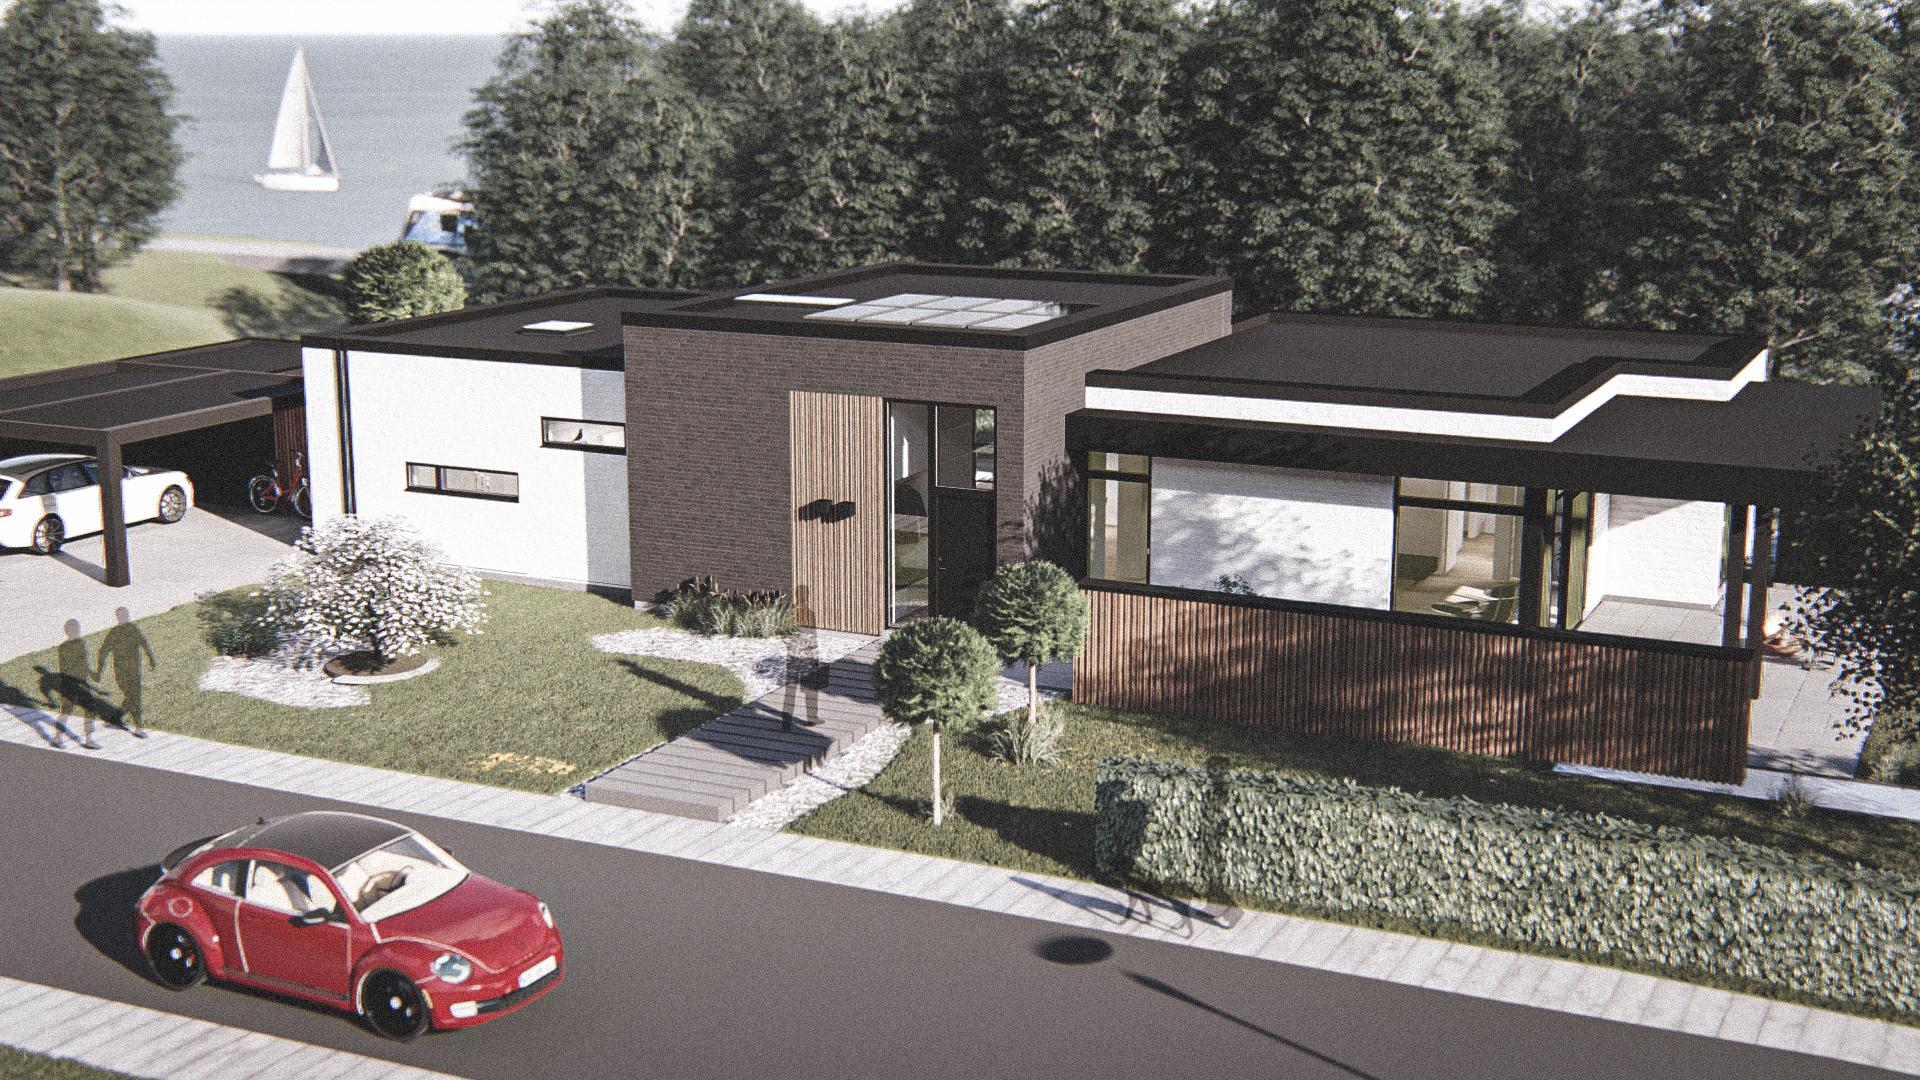 Billede af Dansk arkitekttegnet 1 plan villa af arkitektfirmaet m2plus, i Viborg på 179 kvartratmeter.